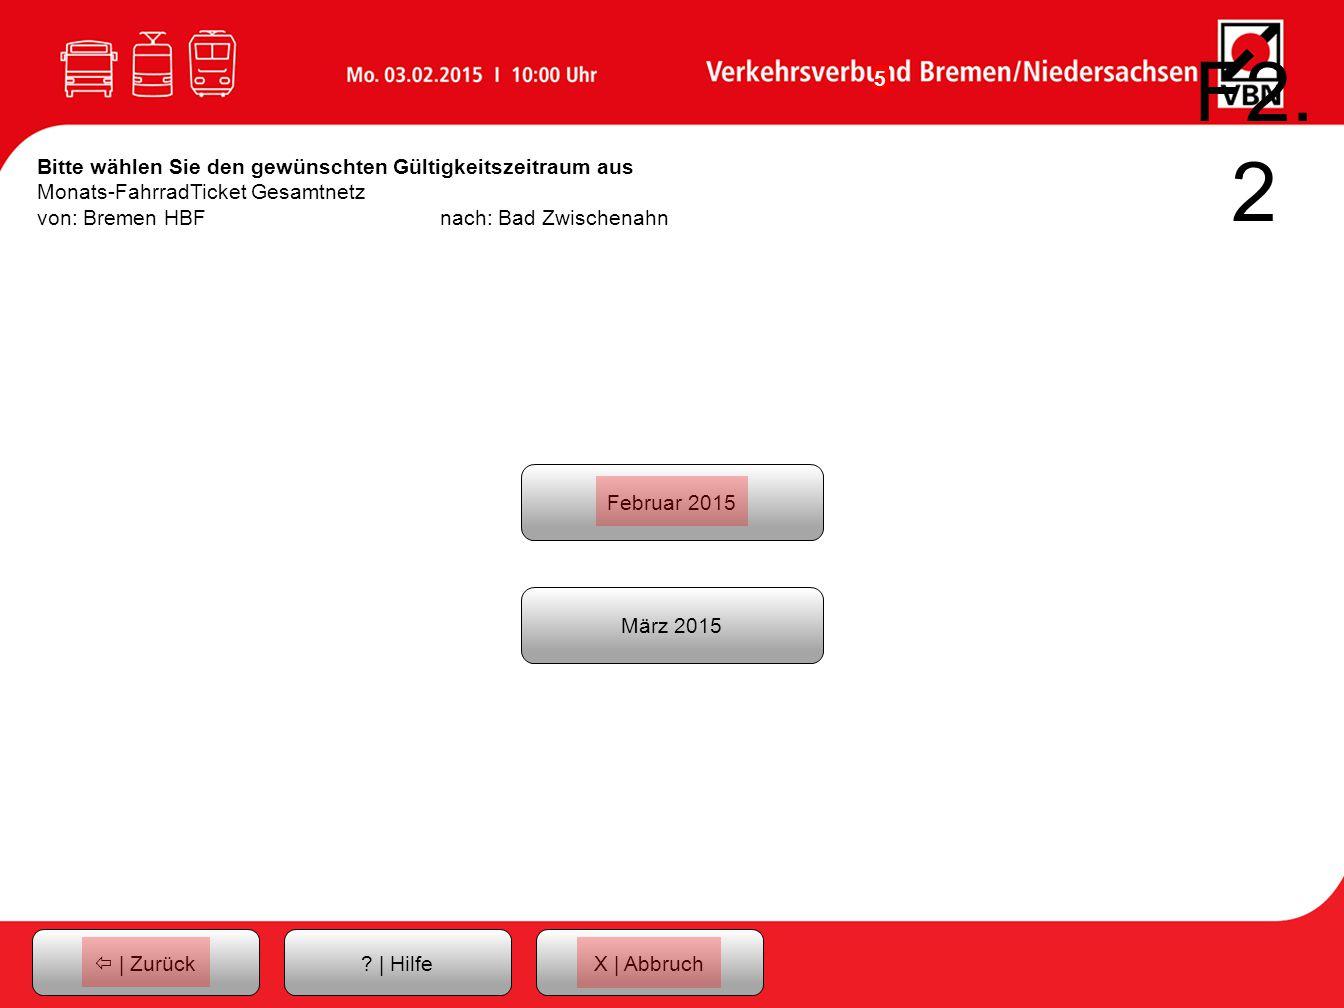 F2.2 Bitte wählen Sie den gewünschten Gültigkeitszeitraum aus Monats-FahrradTicket Gesamtnetz. von: Bremen HBF nach: Bad Zwischenahn.